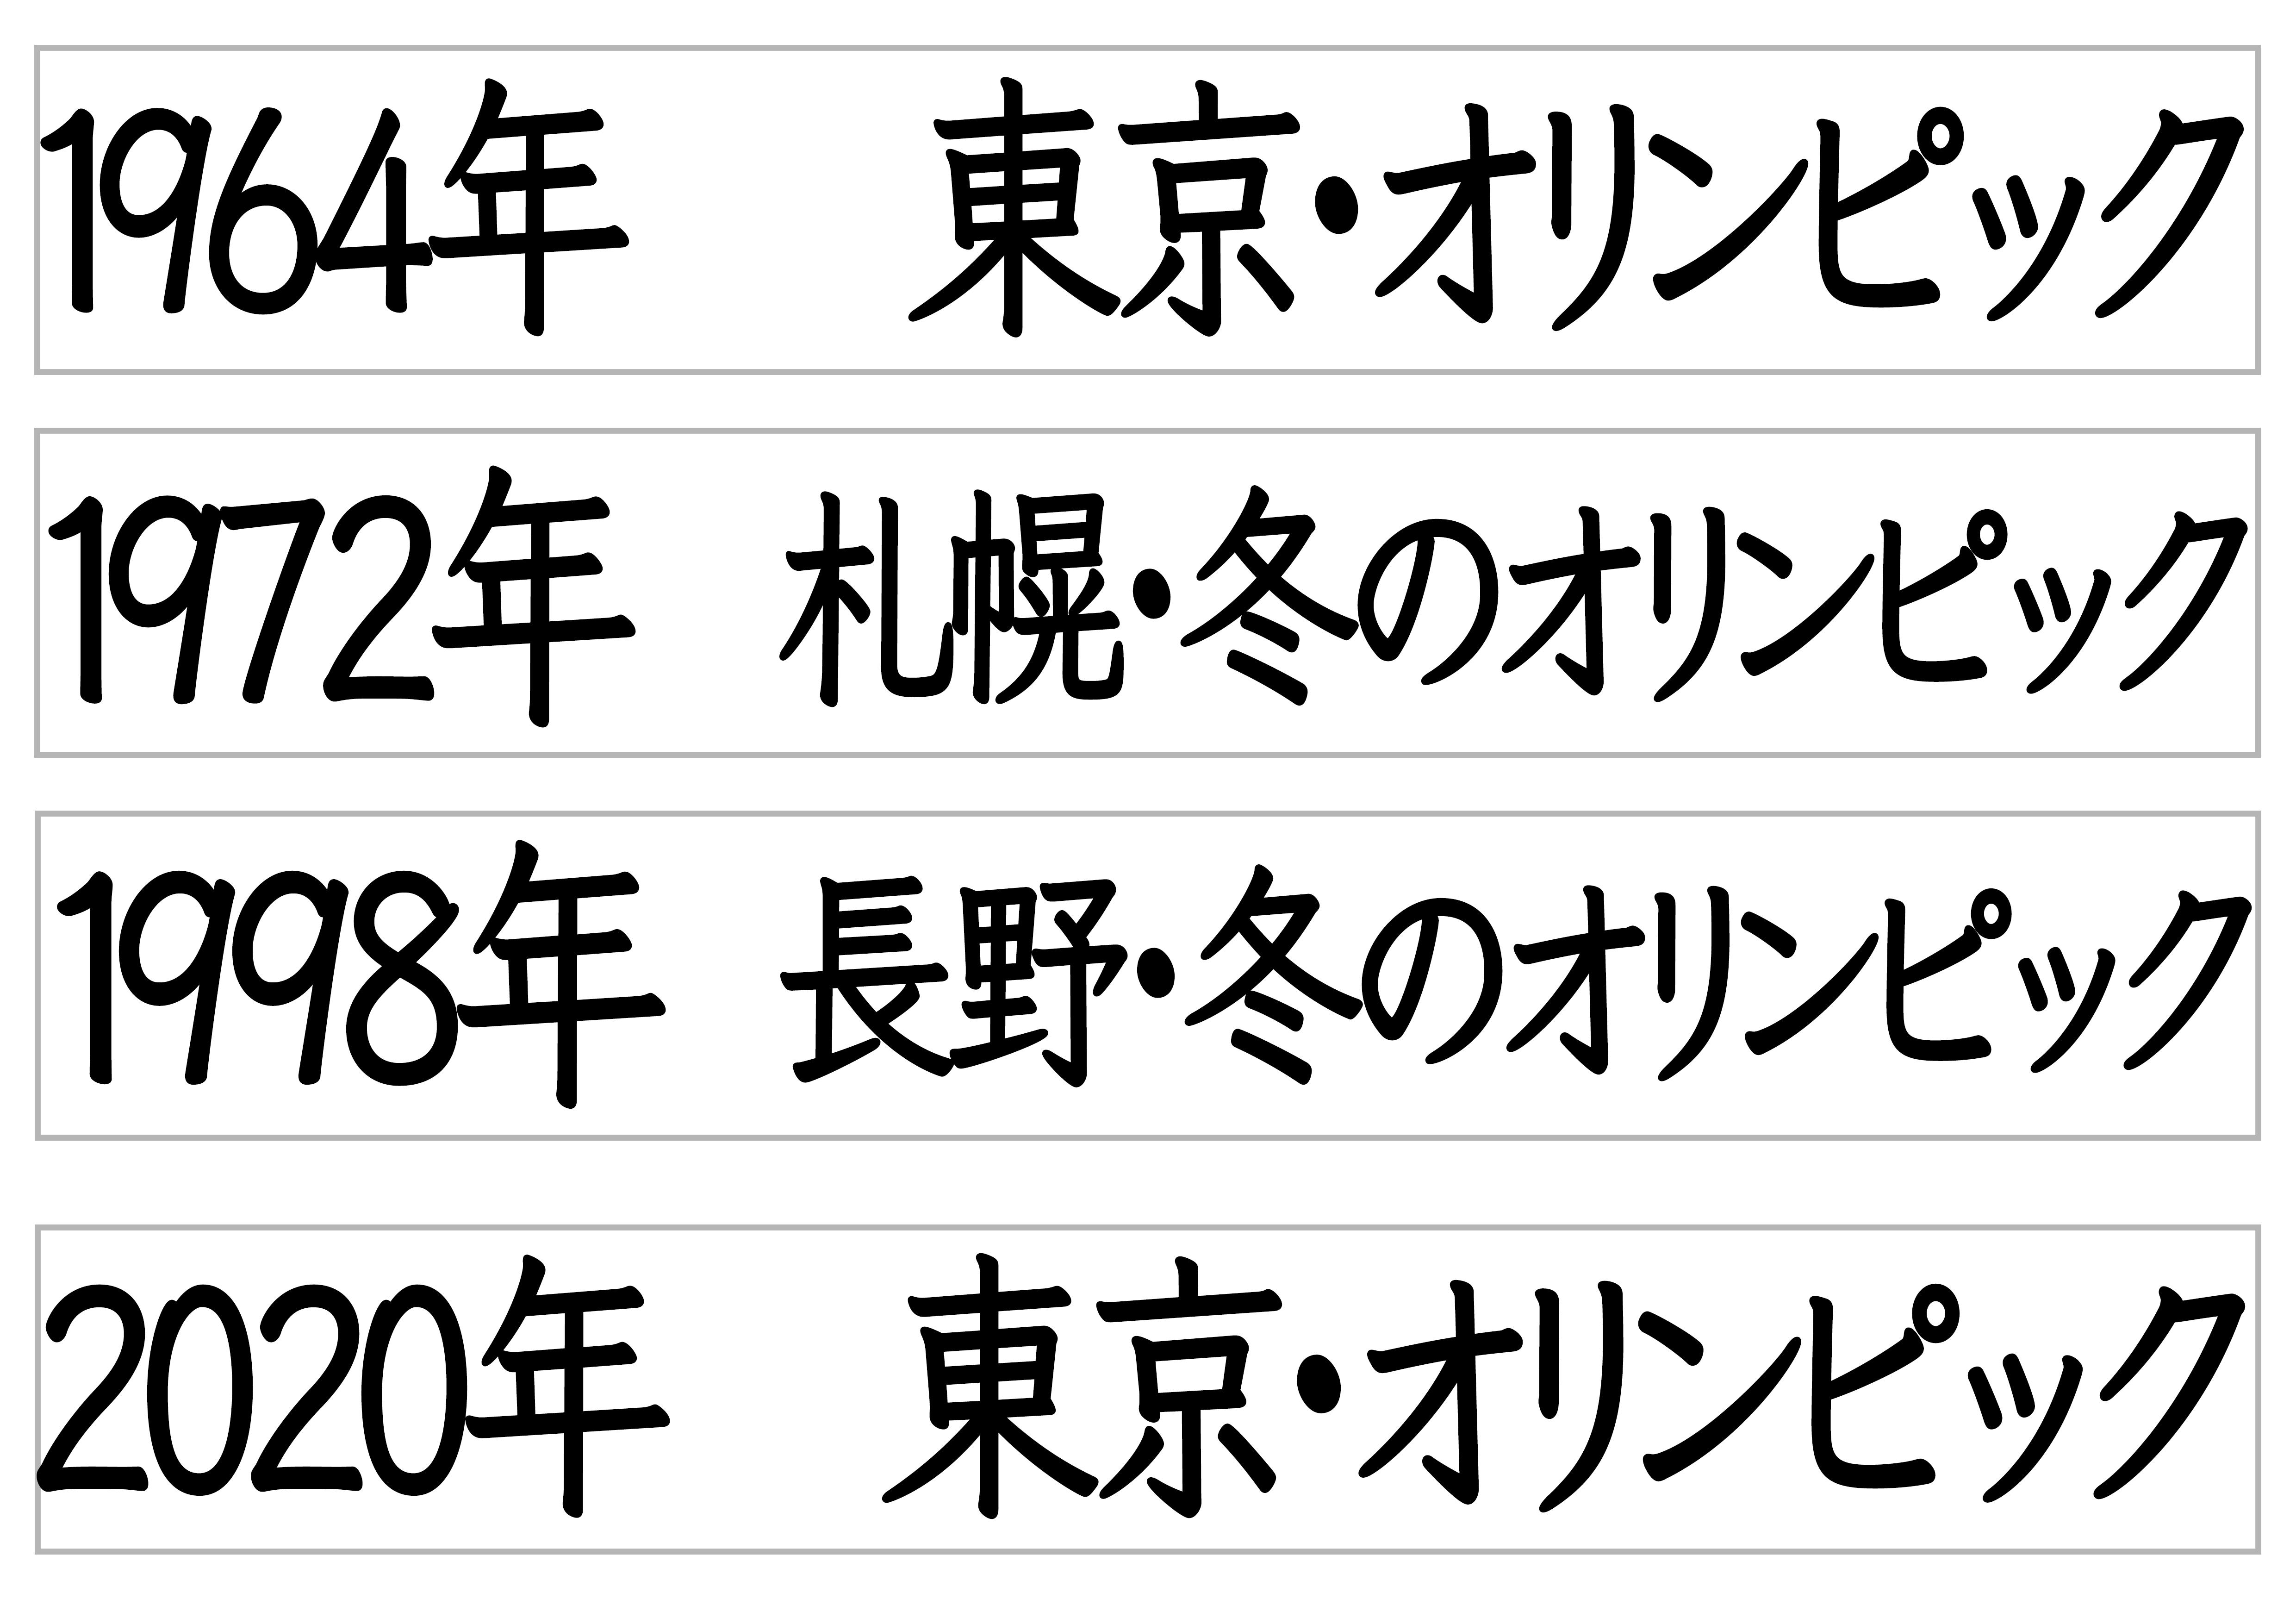 日本のオリンピック年表